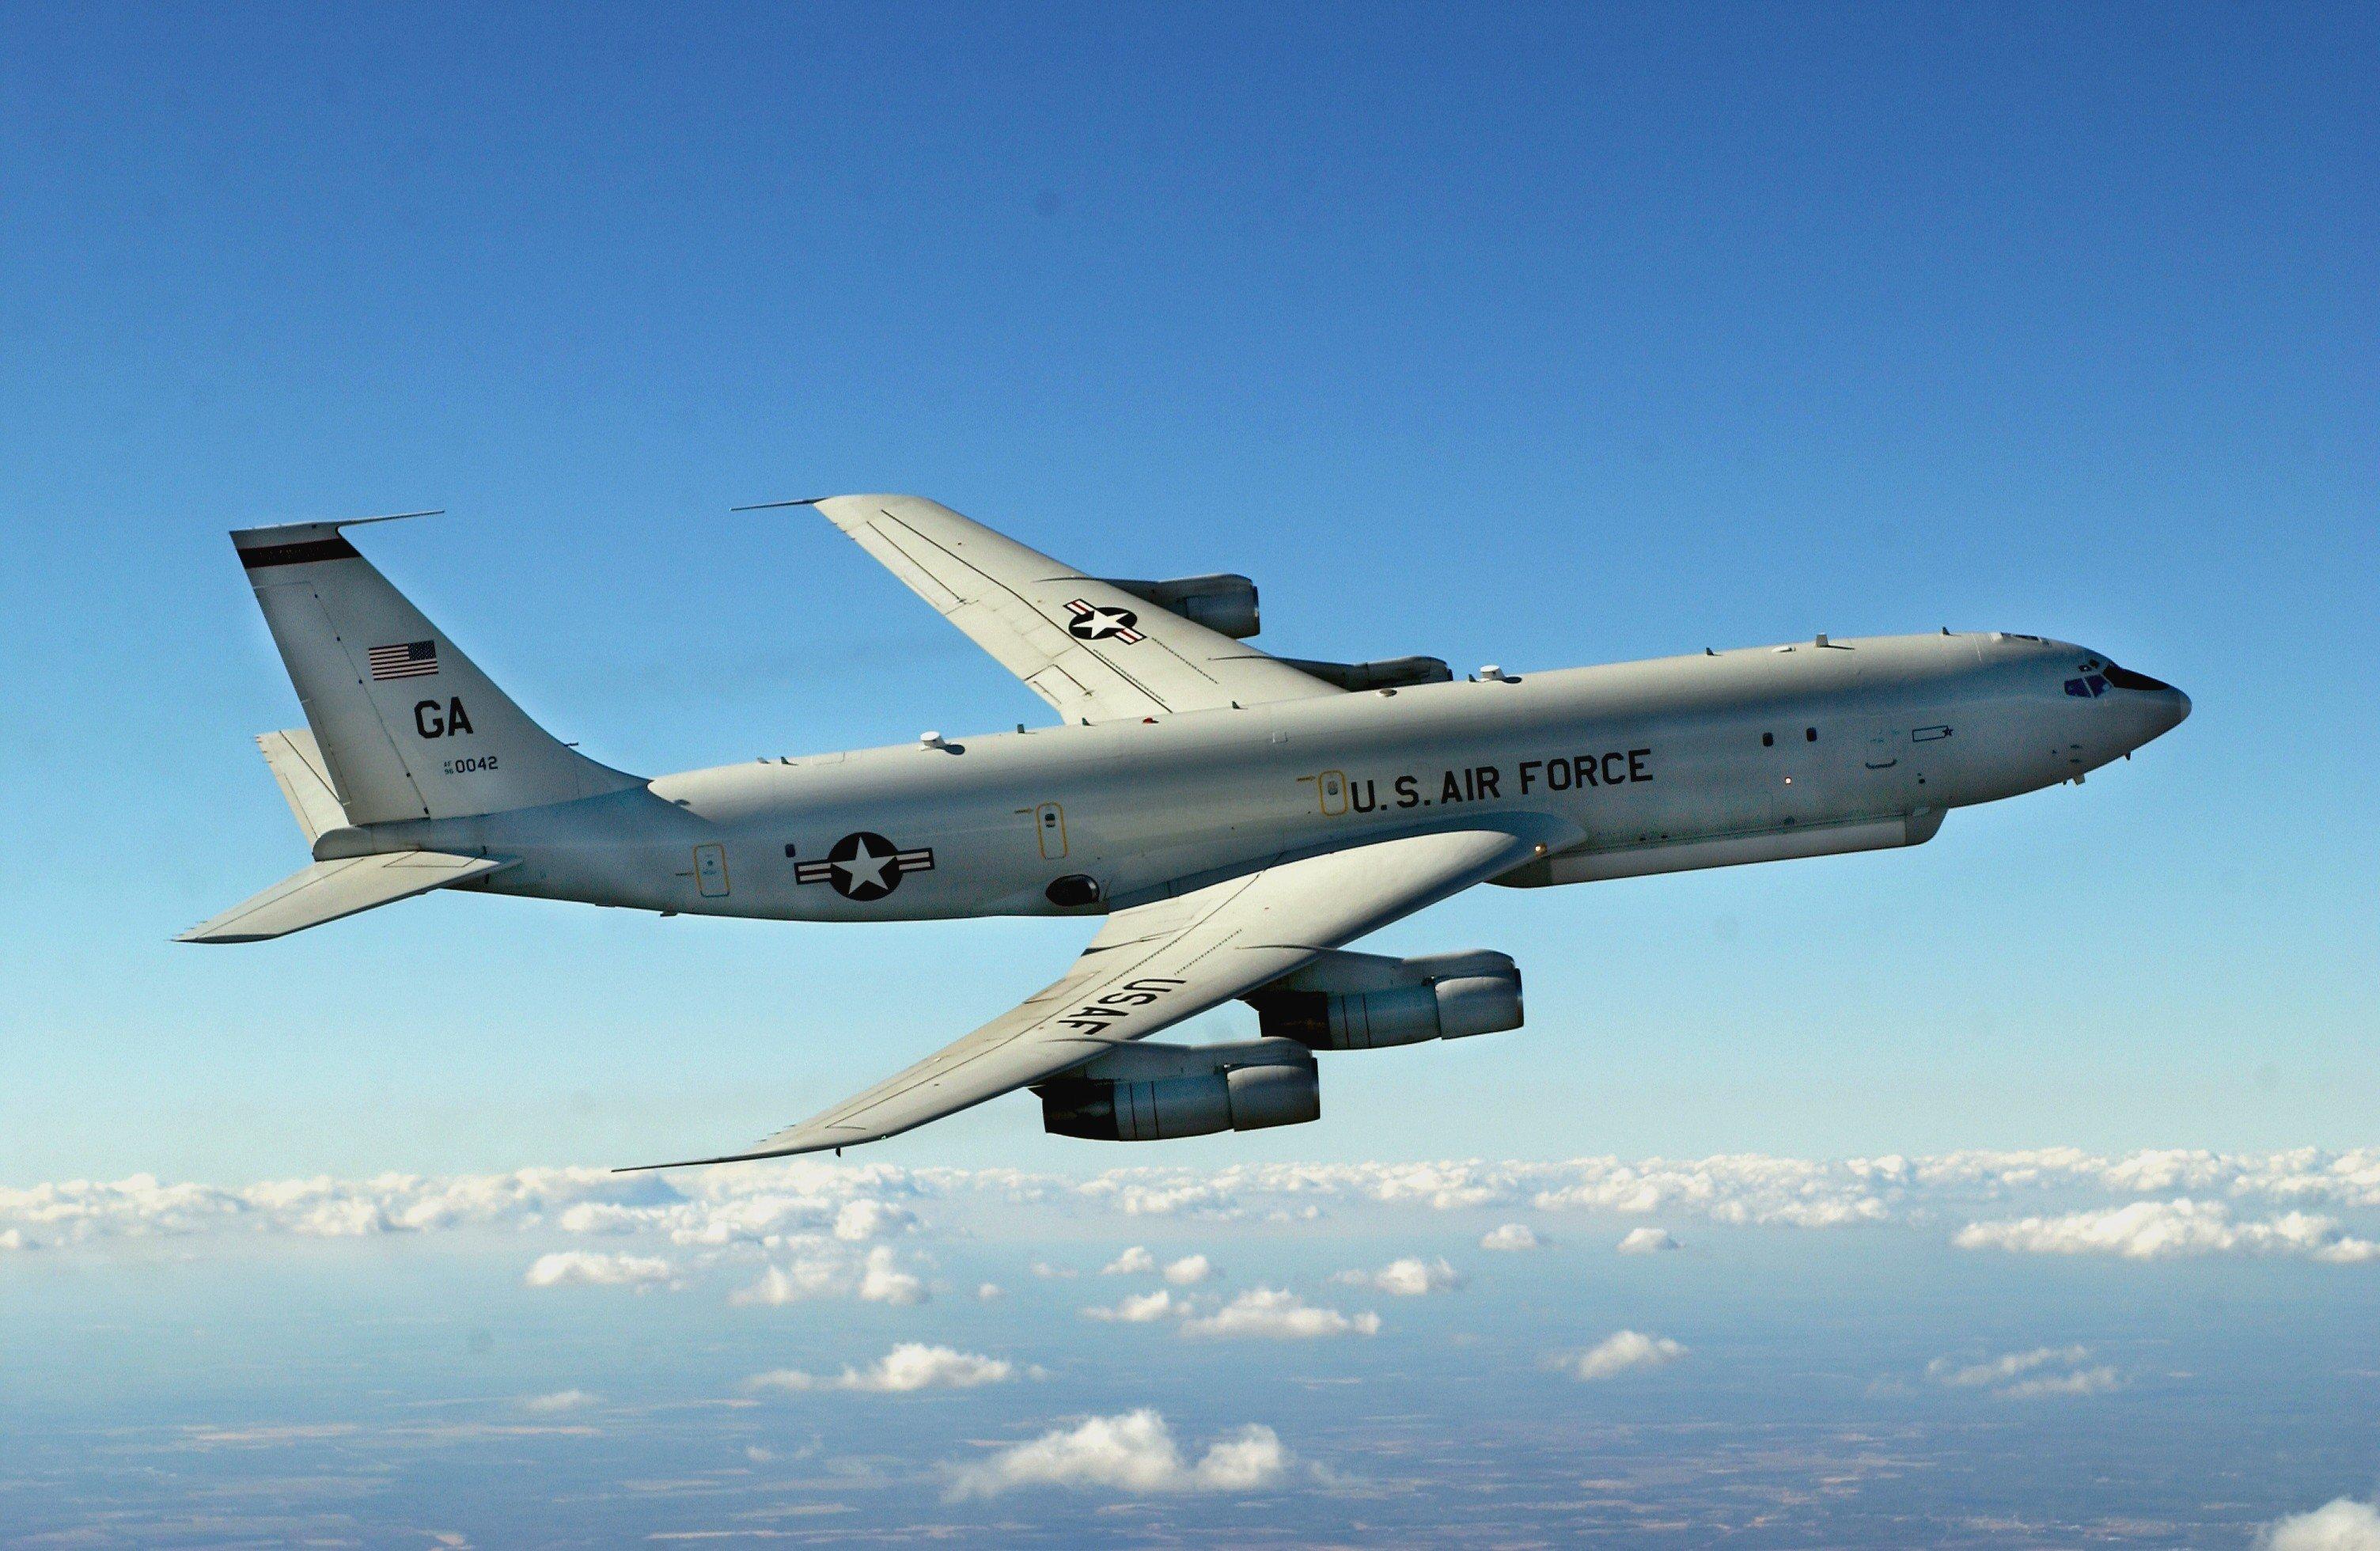 E-8C Joint STARS [Northrop Grumman]